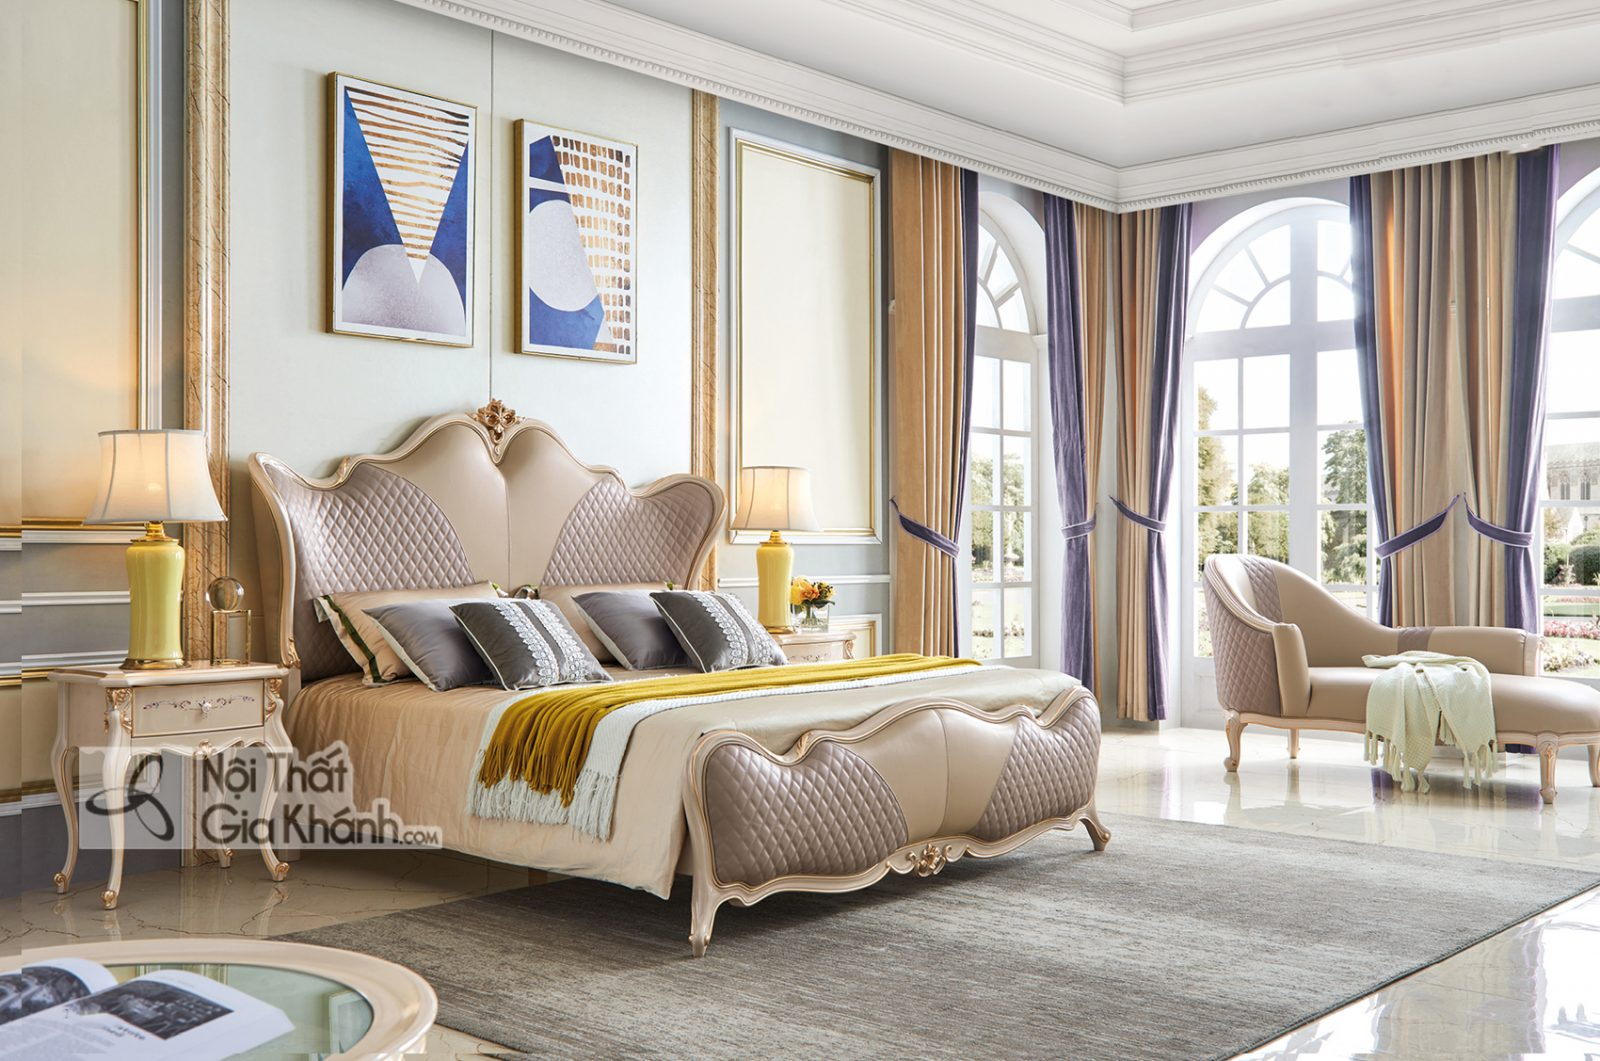 Giường ngủ Luxury GI9801H-18 phong cách sang trọng